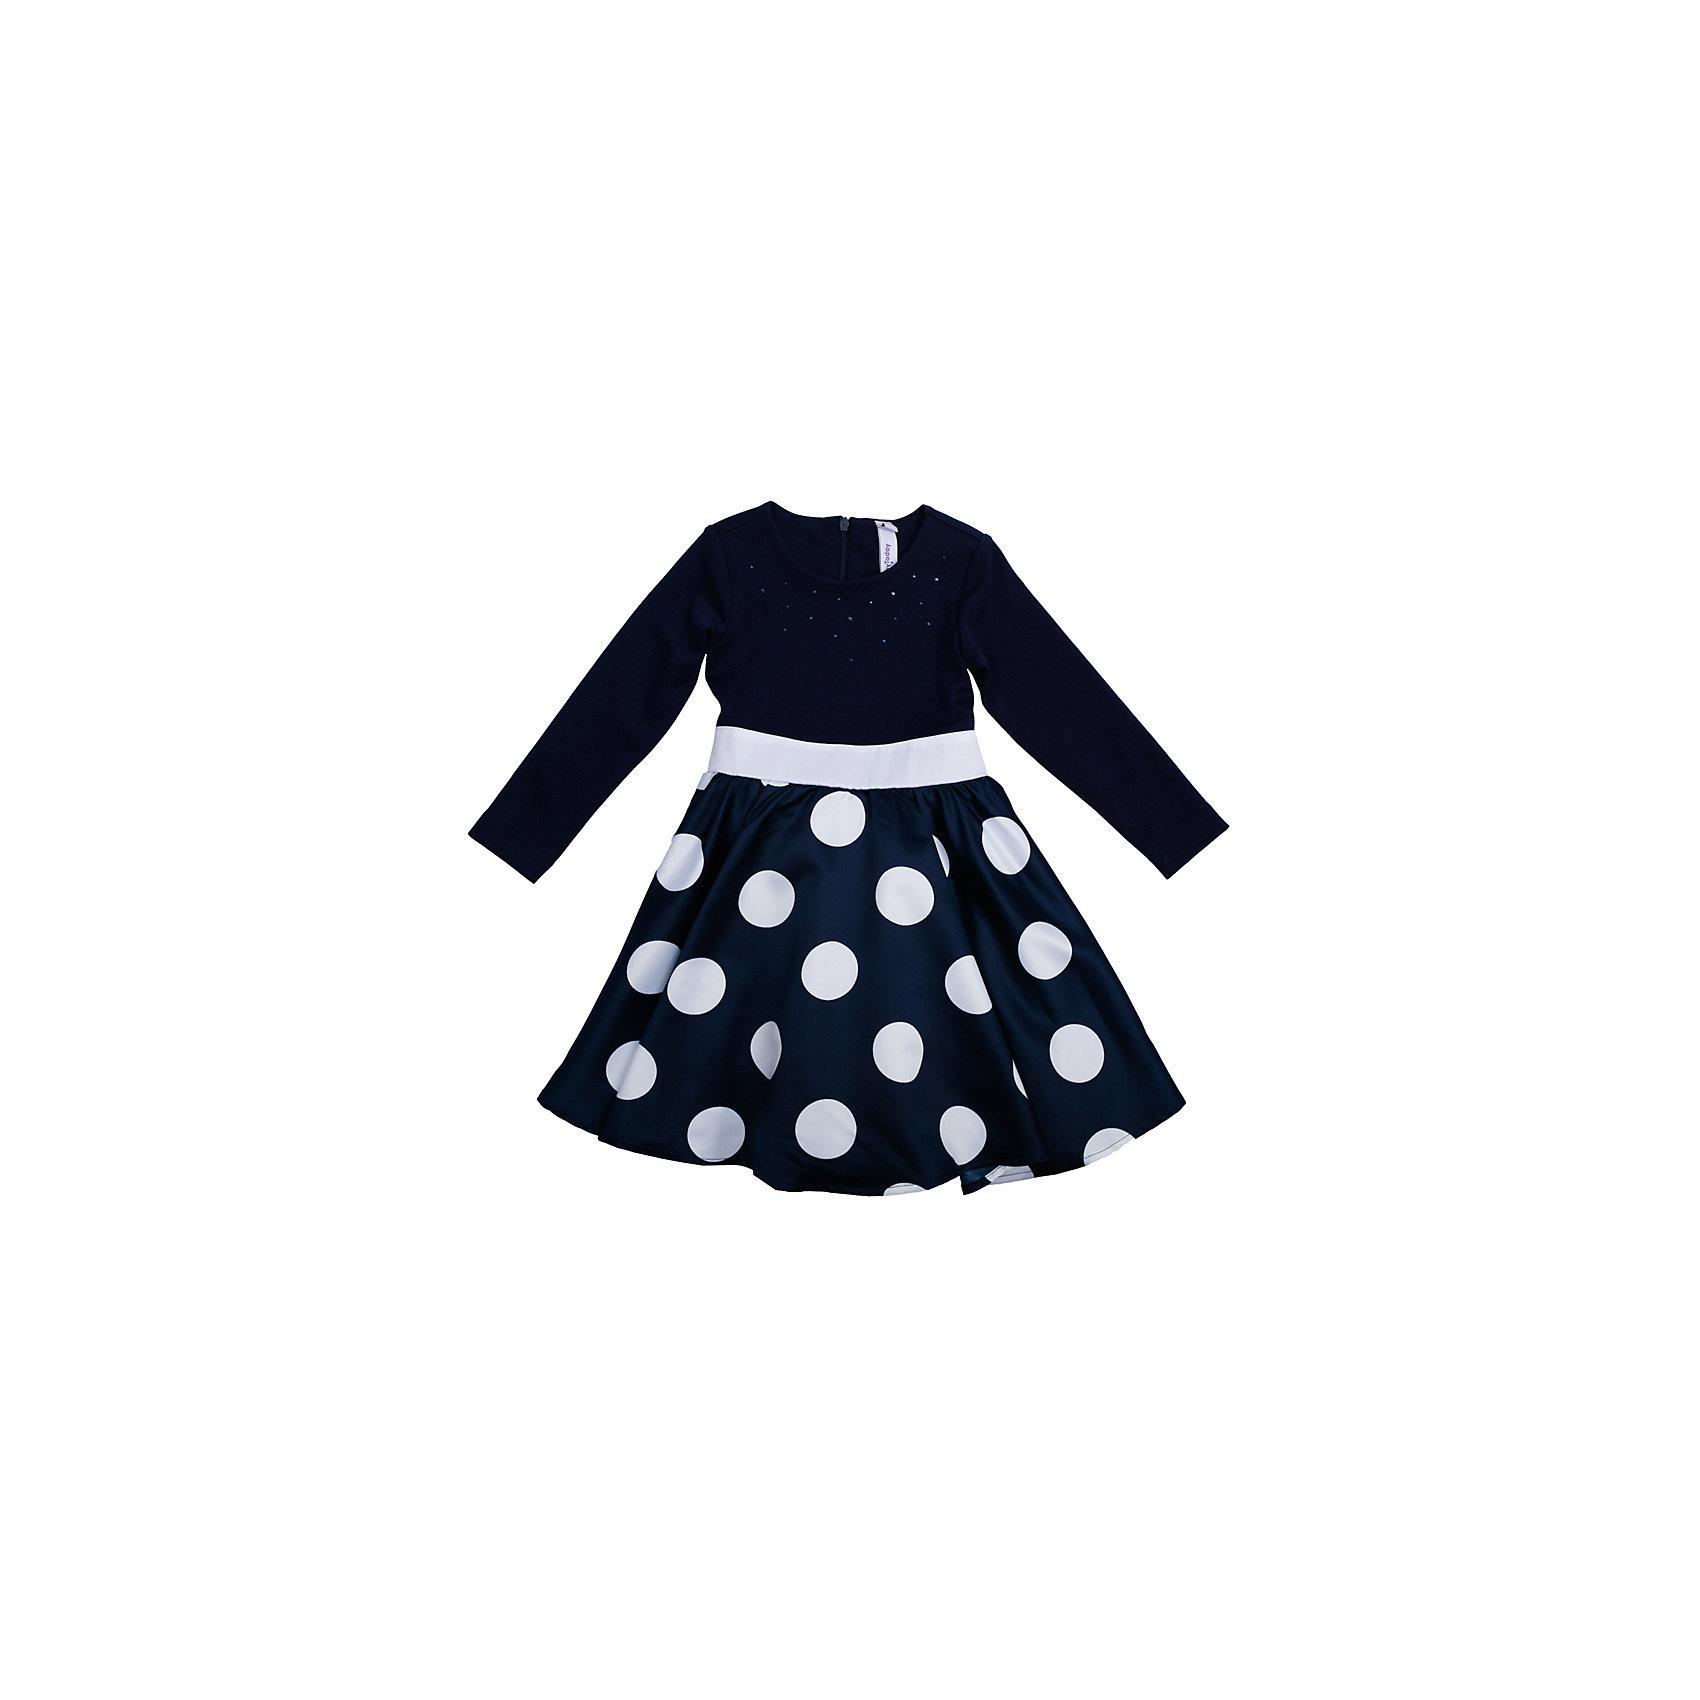 Нарядное платье для девочки PlayTodayОдежда<br>Платье для девочки от известного бренда PlayToday.<br>Платье с длинными рукавами.<br><br>Украшено женственным принтом в крупный горох, объемным белым цветком и россыпью страз.<br><br>Верх из легкой вискозы, чтобы ребенку не было жарко на празднике. Пышная юбка дополнена сетчатой подкладкой для объема. Застегивается на потайную молнию на спине.<br>Состав:<br>Верх: 66% вискоза, 29% полиэстер, 5% эластан, Юбка: 100% полиэстер, Подкладка: 100% хлопок<br><br>Ширина мм: 236<br>Глубина мм: 16<br>Высота мм: 184<br>Вес г: 177<br>Цвет: синий<br>Возраст от месяцев: 36<br>Возраст до месяцев: 48<br>Пол: Женский<br>Возраст: Детский<br>Размер: 104,122,128,110,116,98<br>SKU: 5113819